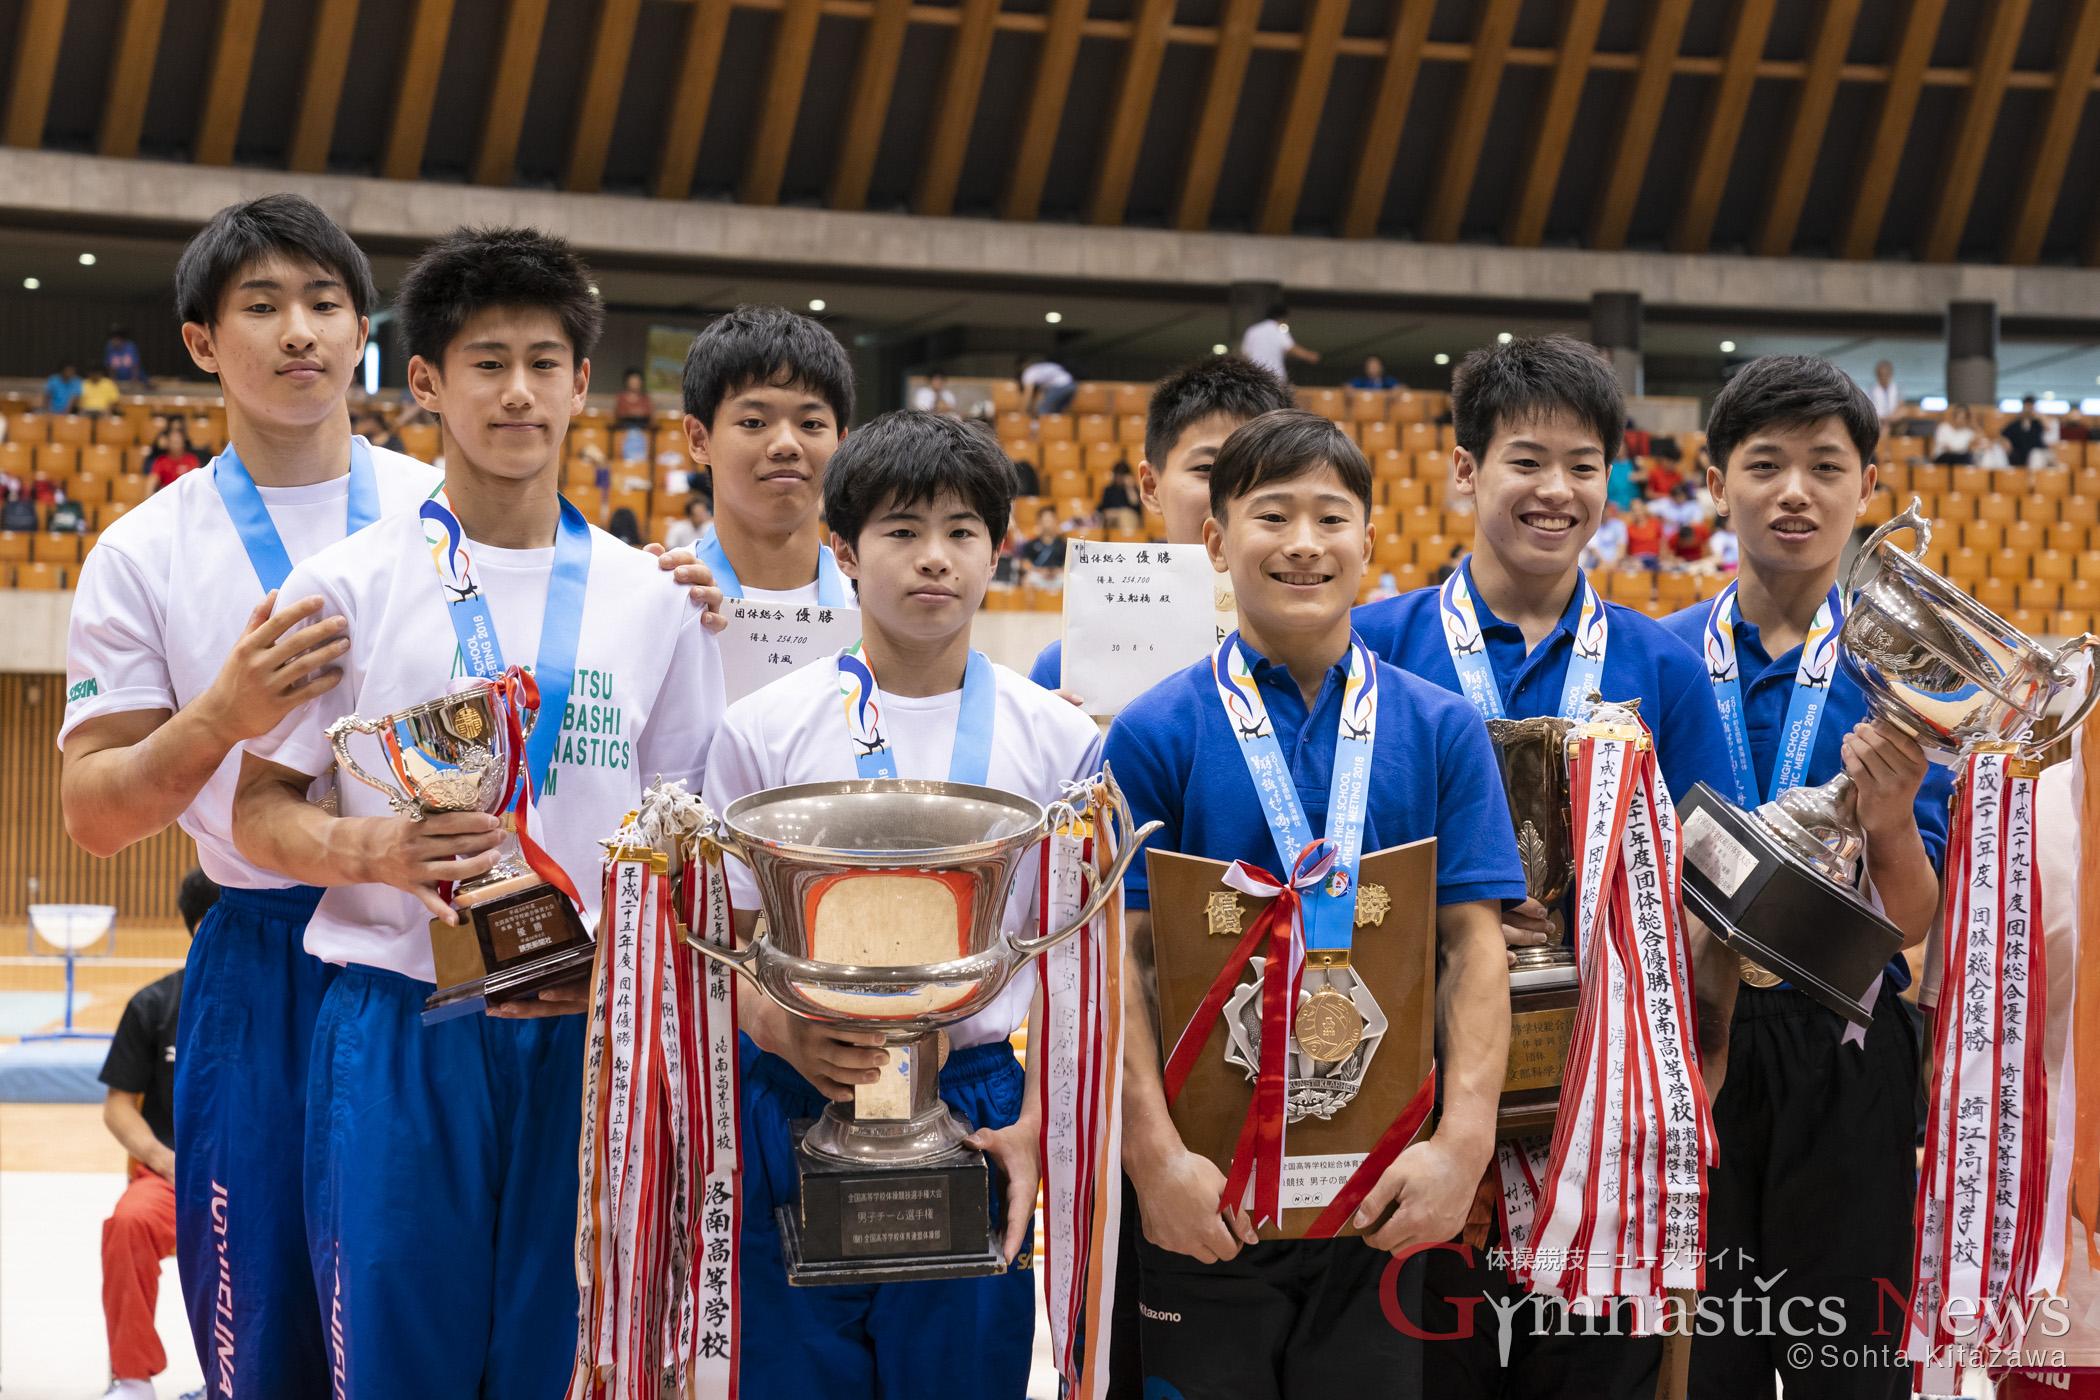 平成30年度全国高等学校総合体育大会 体操競技 男子団体優勝